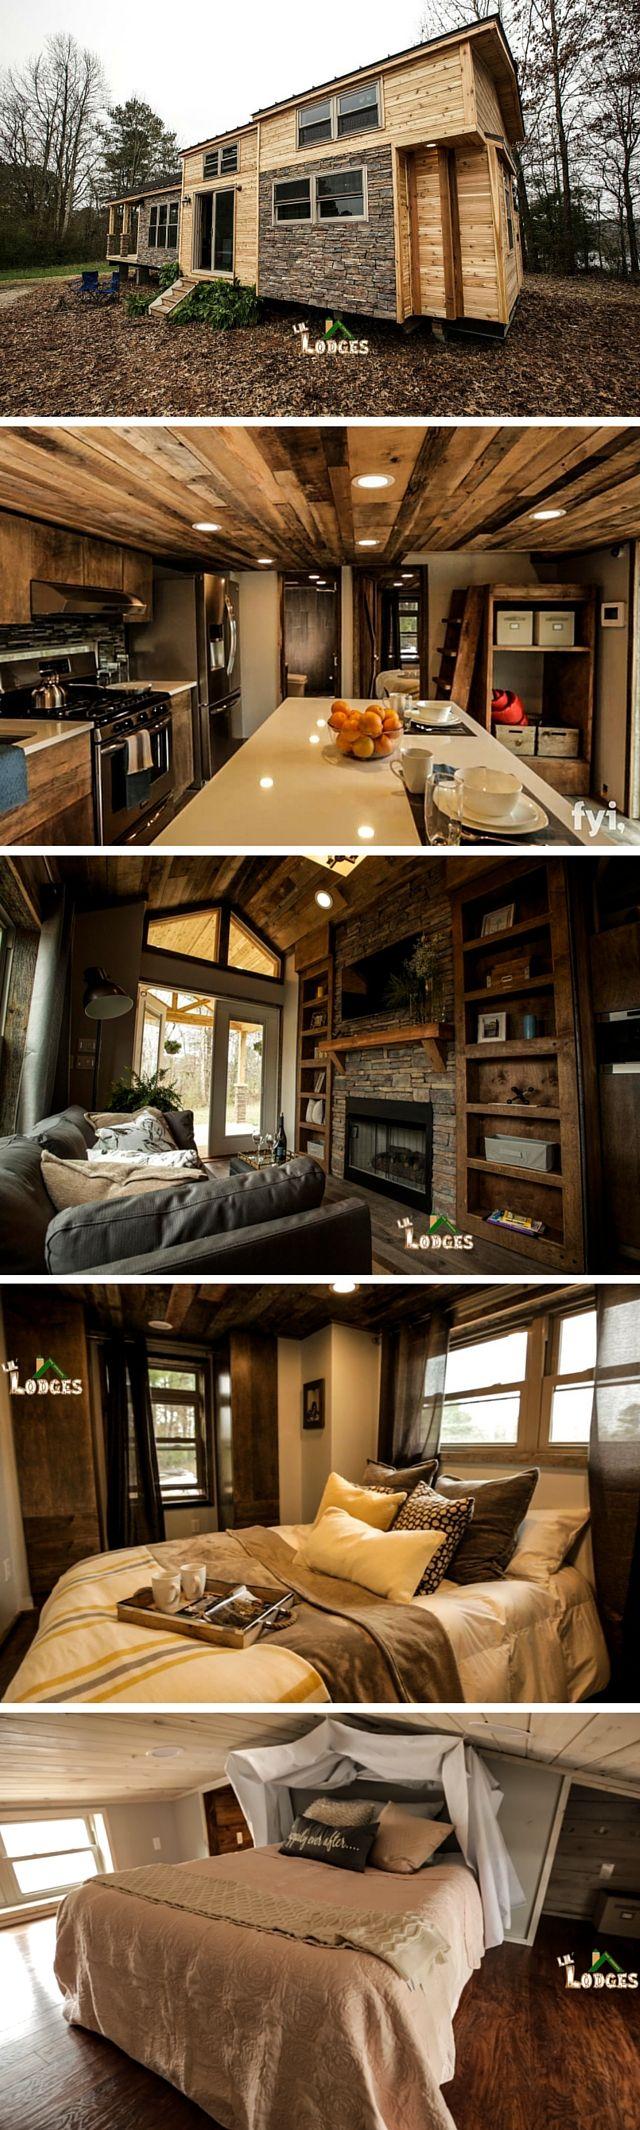 A tiny house retreat in Cobleskill NY